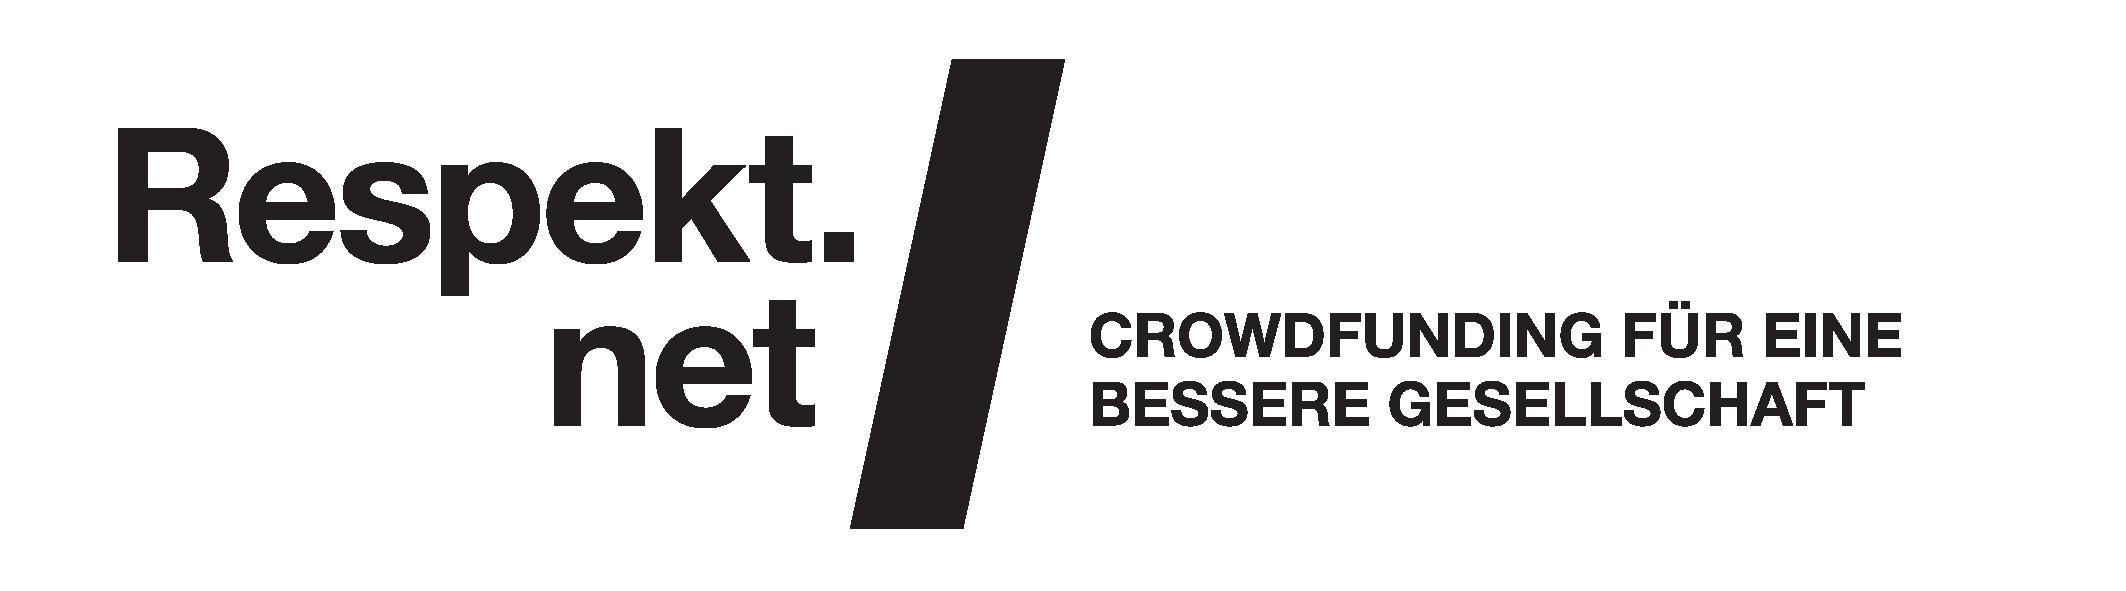 Crowdfunding-RespektNet_Logo_gross